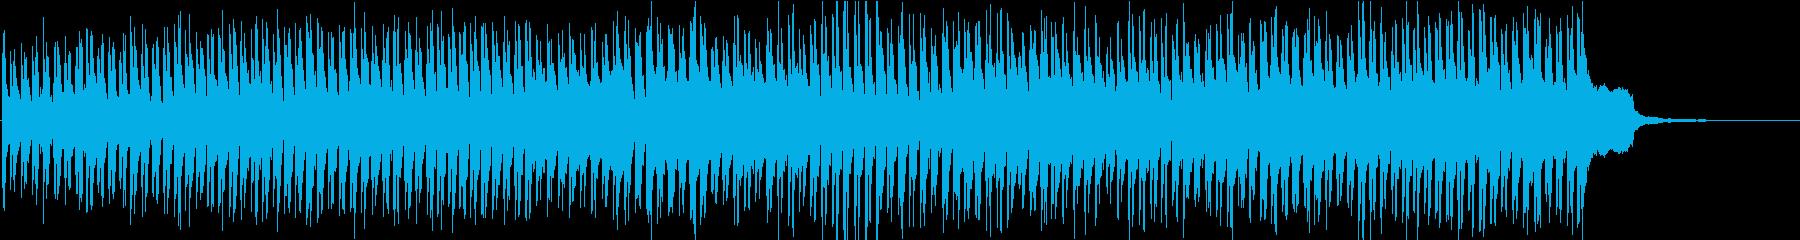 ハーディーガーディーの古楽器ファンタジーの再生済みの波形